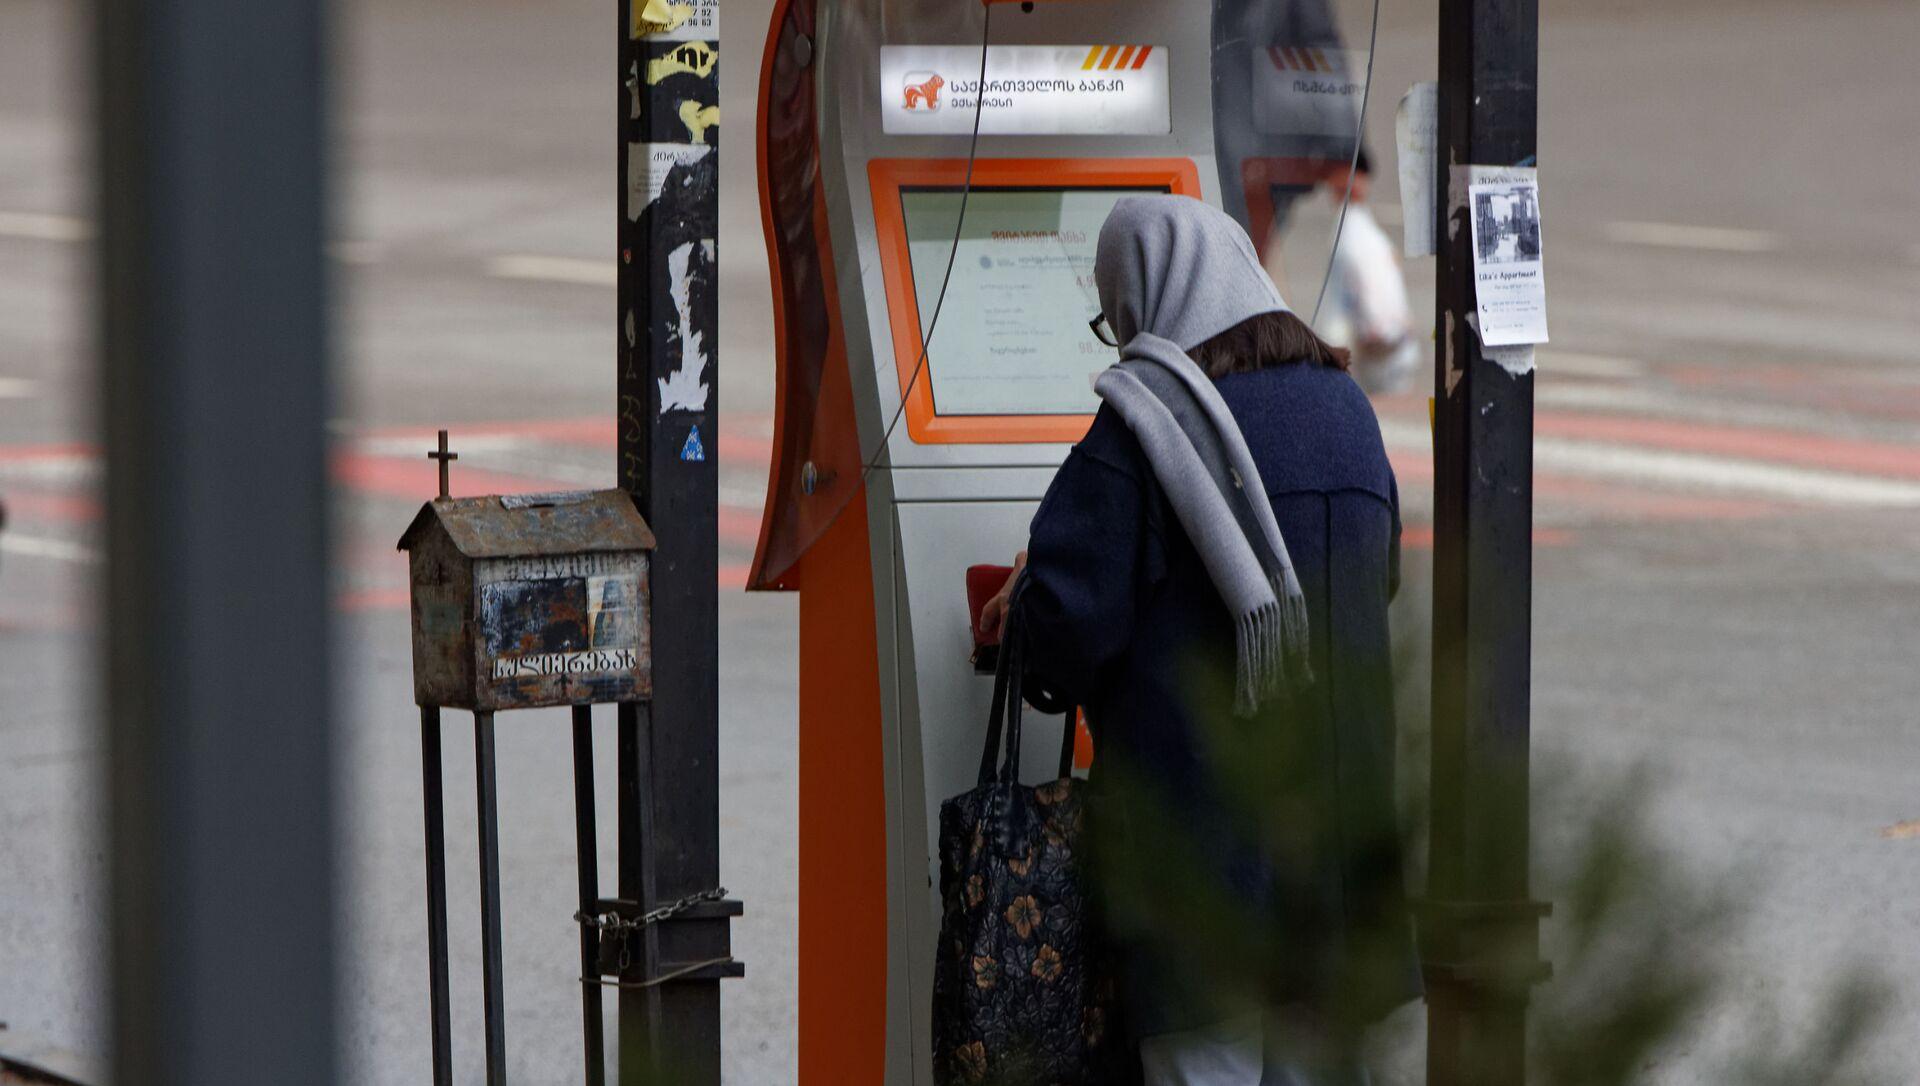 Банковские услуги и сервис. Женщина у терминала быстрой оплаты Сакартвелос банки - Sputnik Грузия, 1920, 01.04.2021